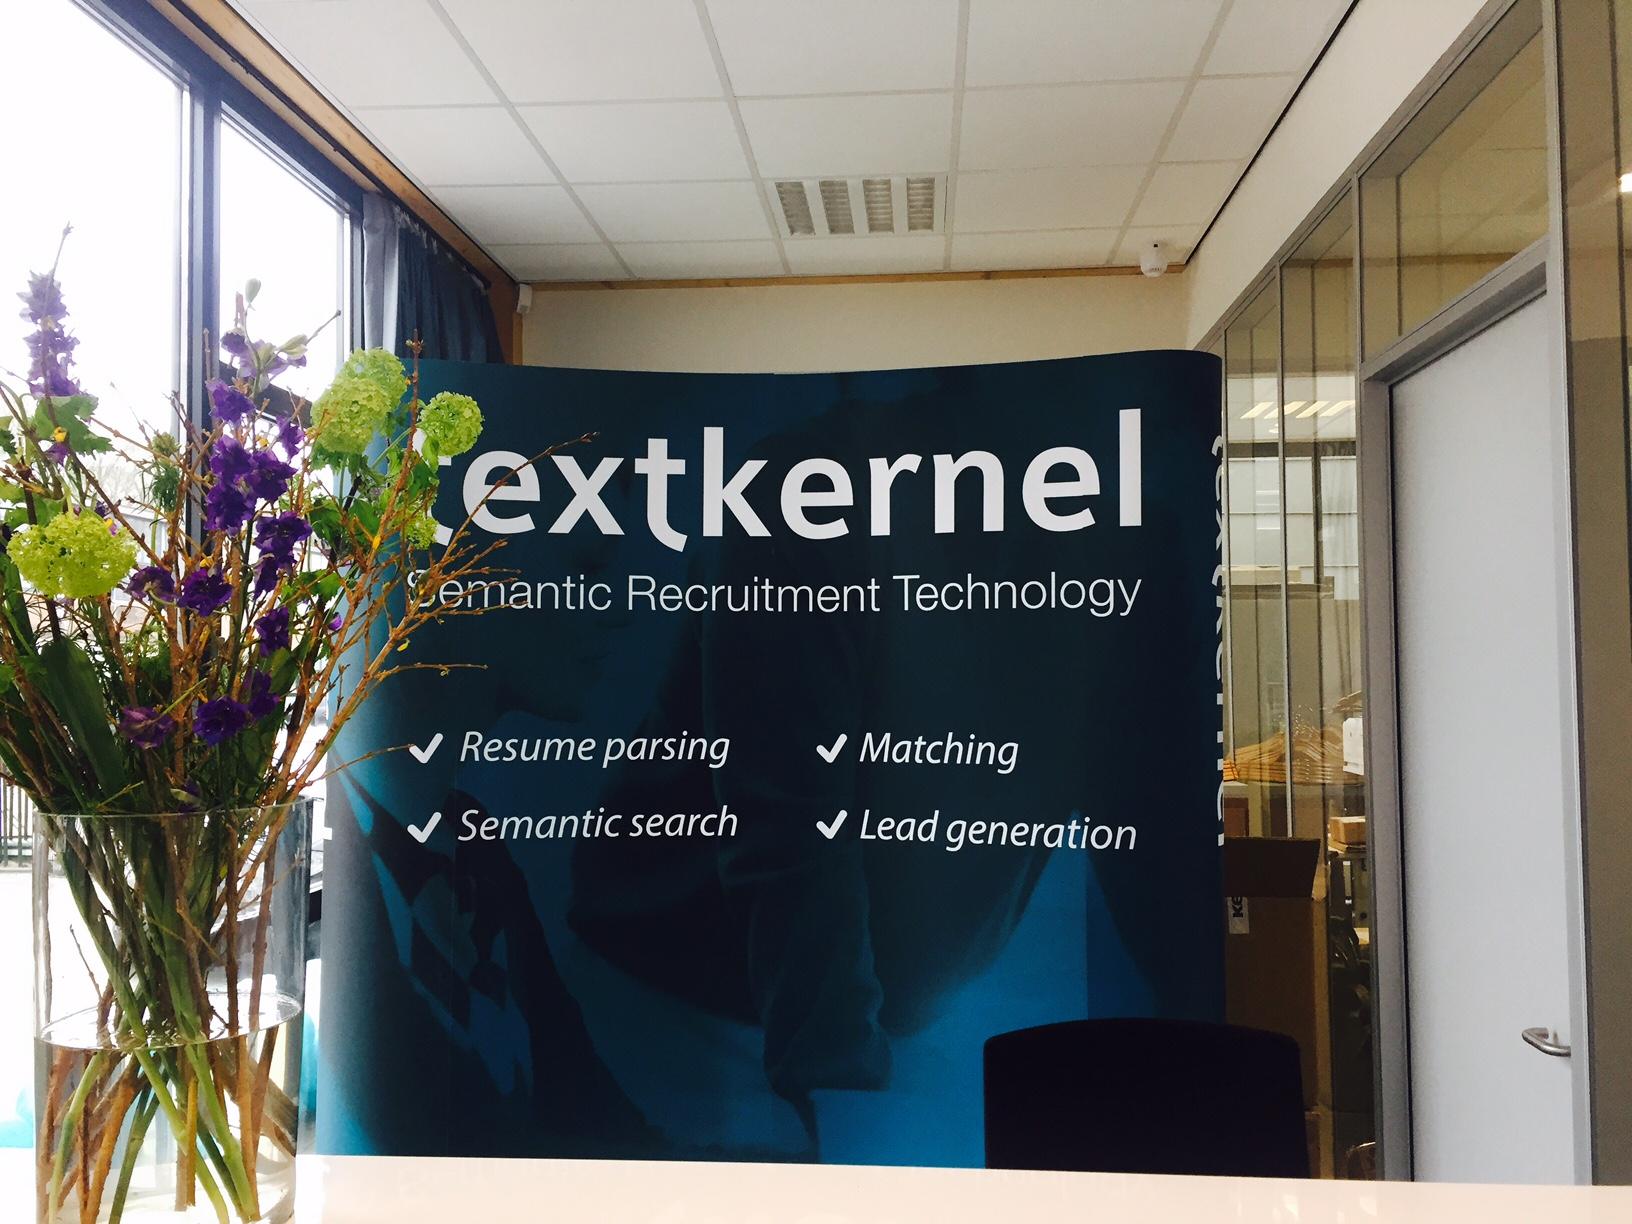 Textkernel - the company